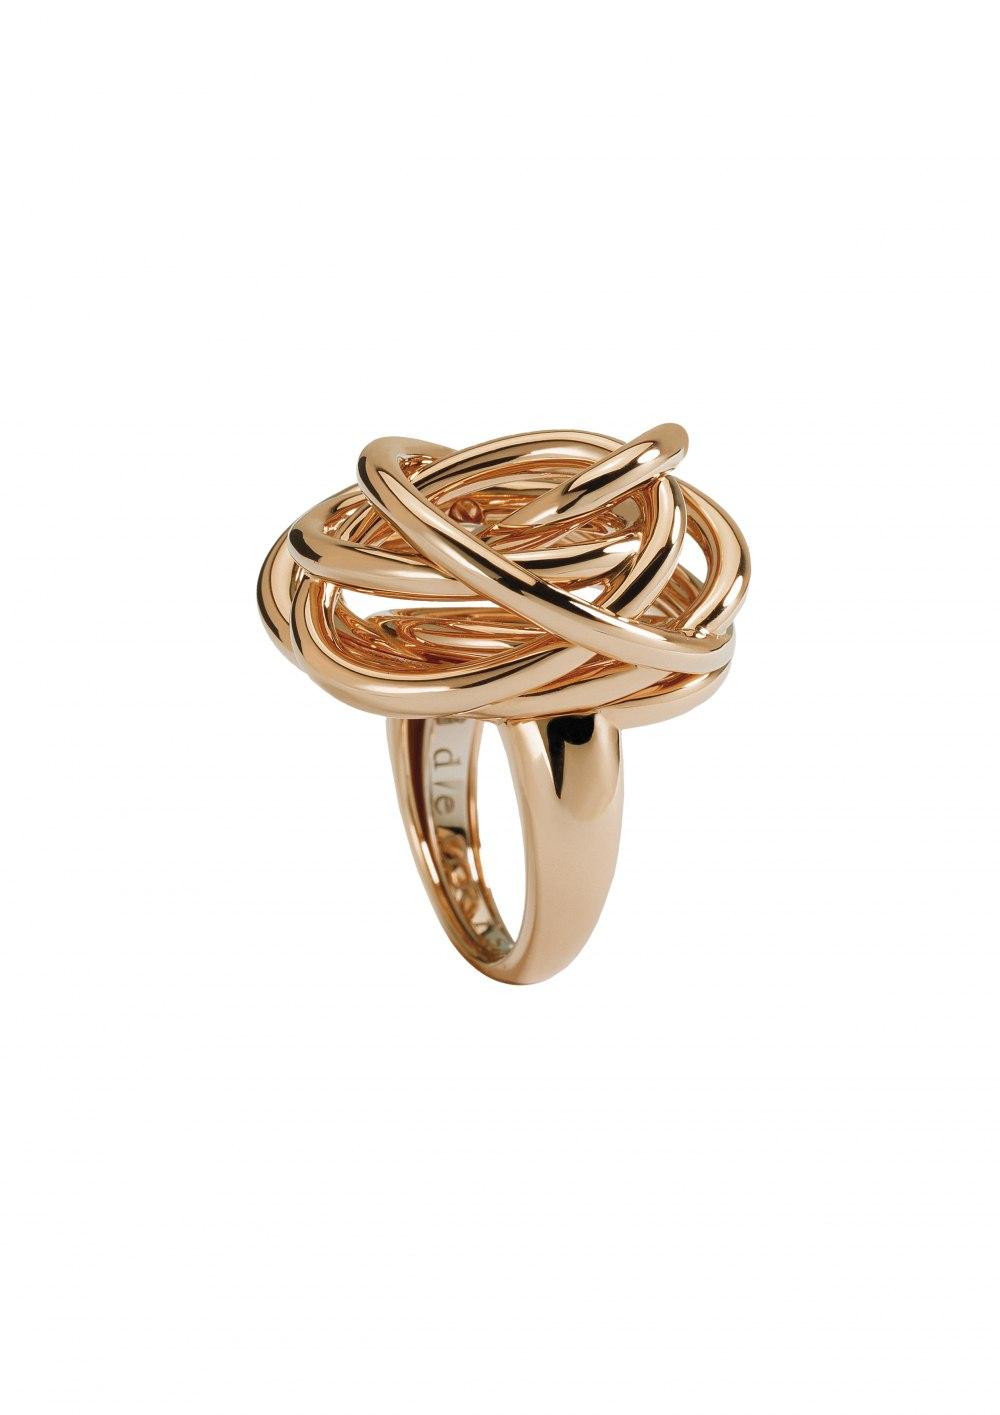 DE GRISOGONO Matassa ring 54100_04